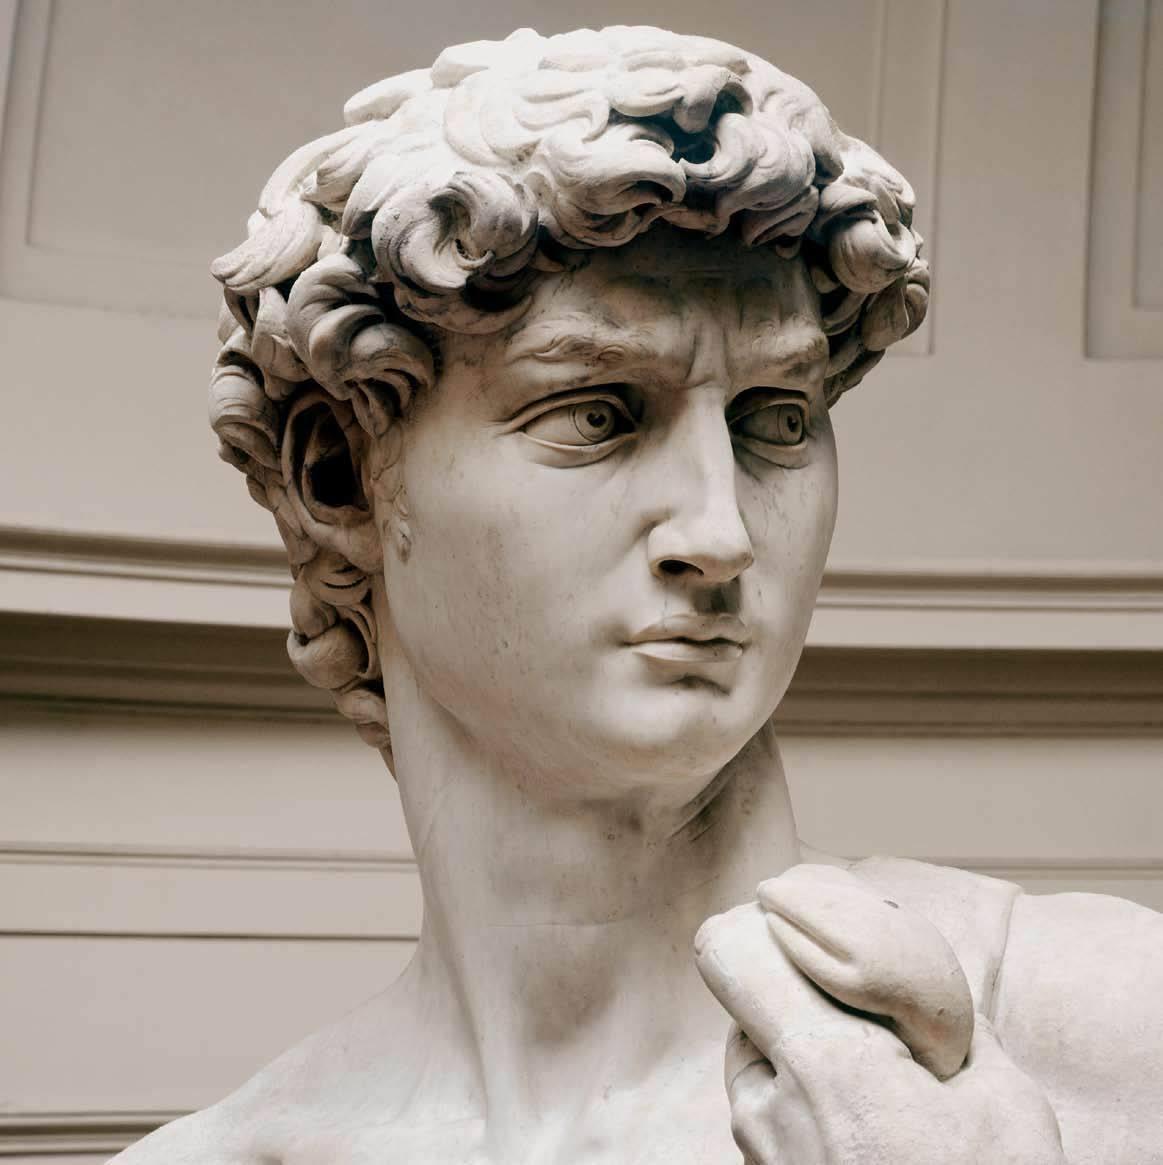 这件大卫雕像被推崇为古典艺术品的典范!